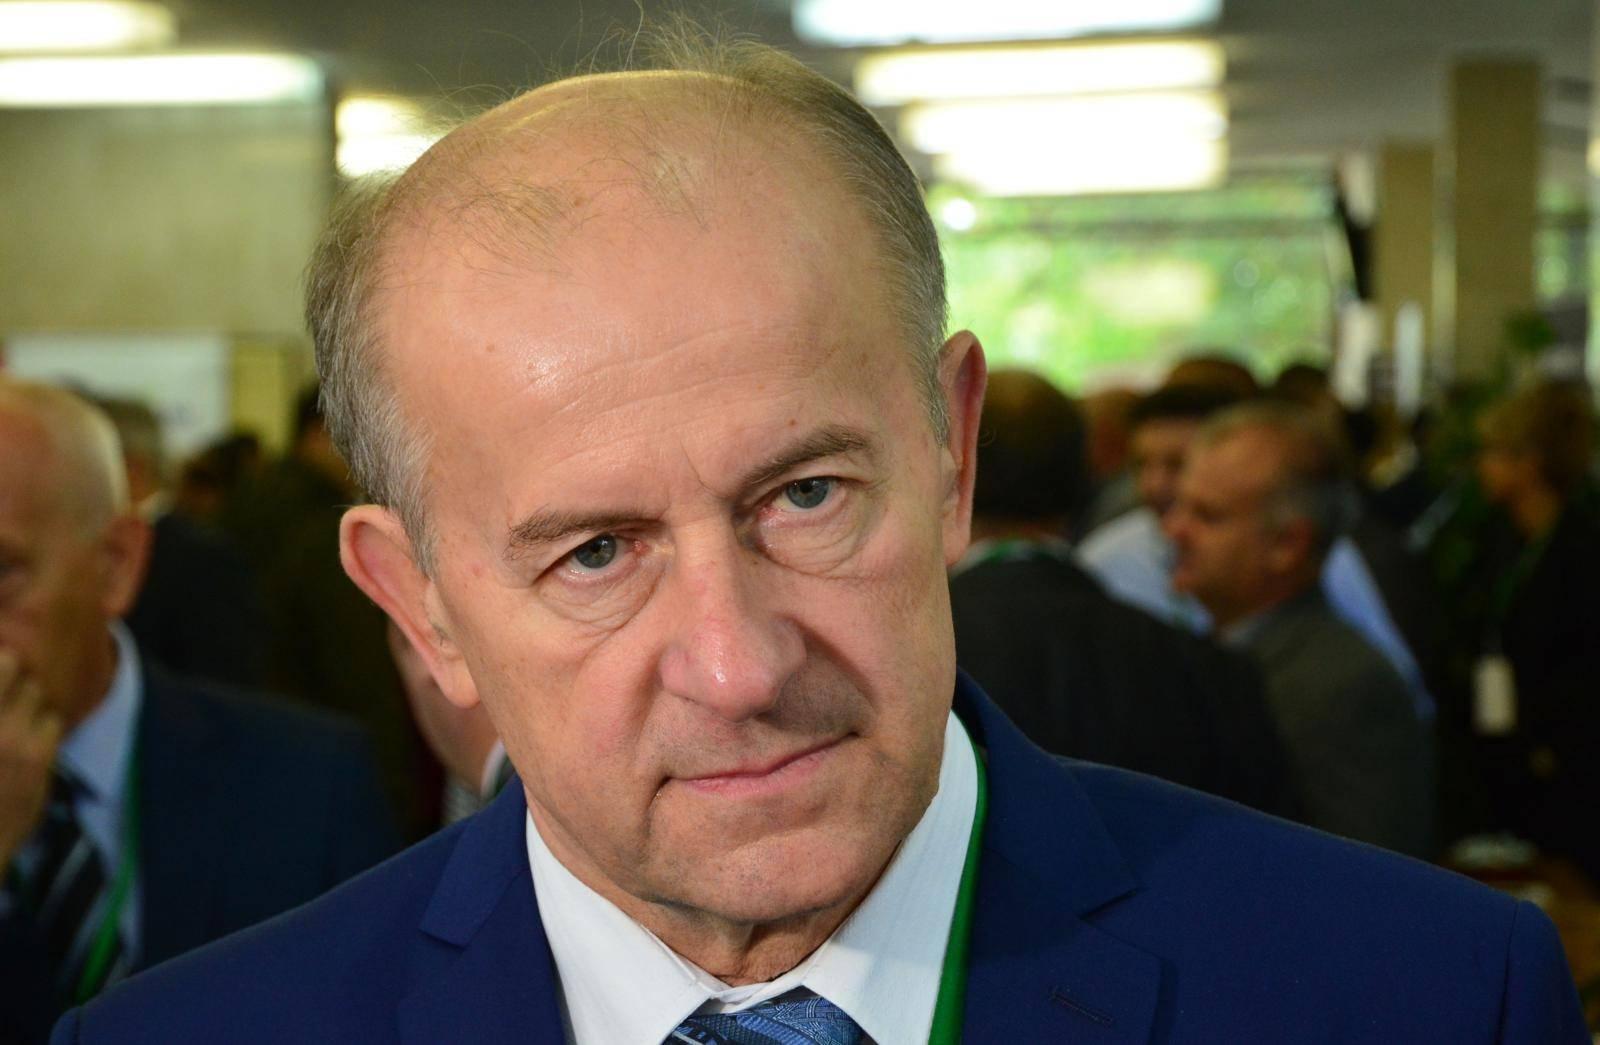 Uhićeni Jakupčić ima plaću 7 tisuća kuna veću od Plenkovića